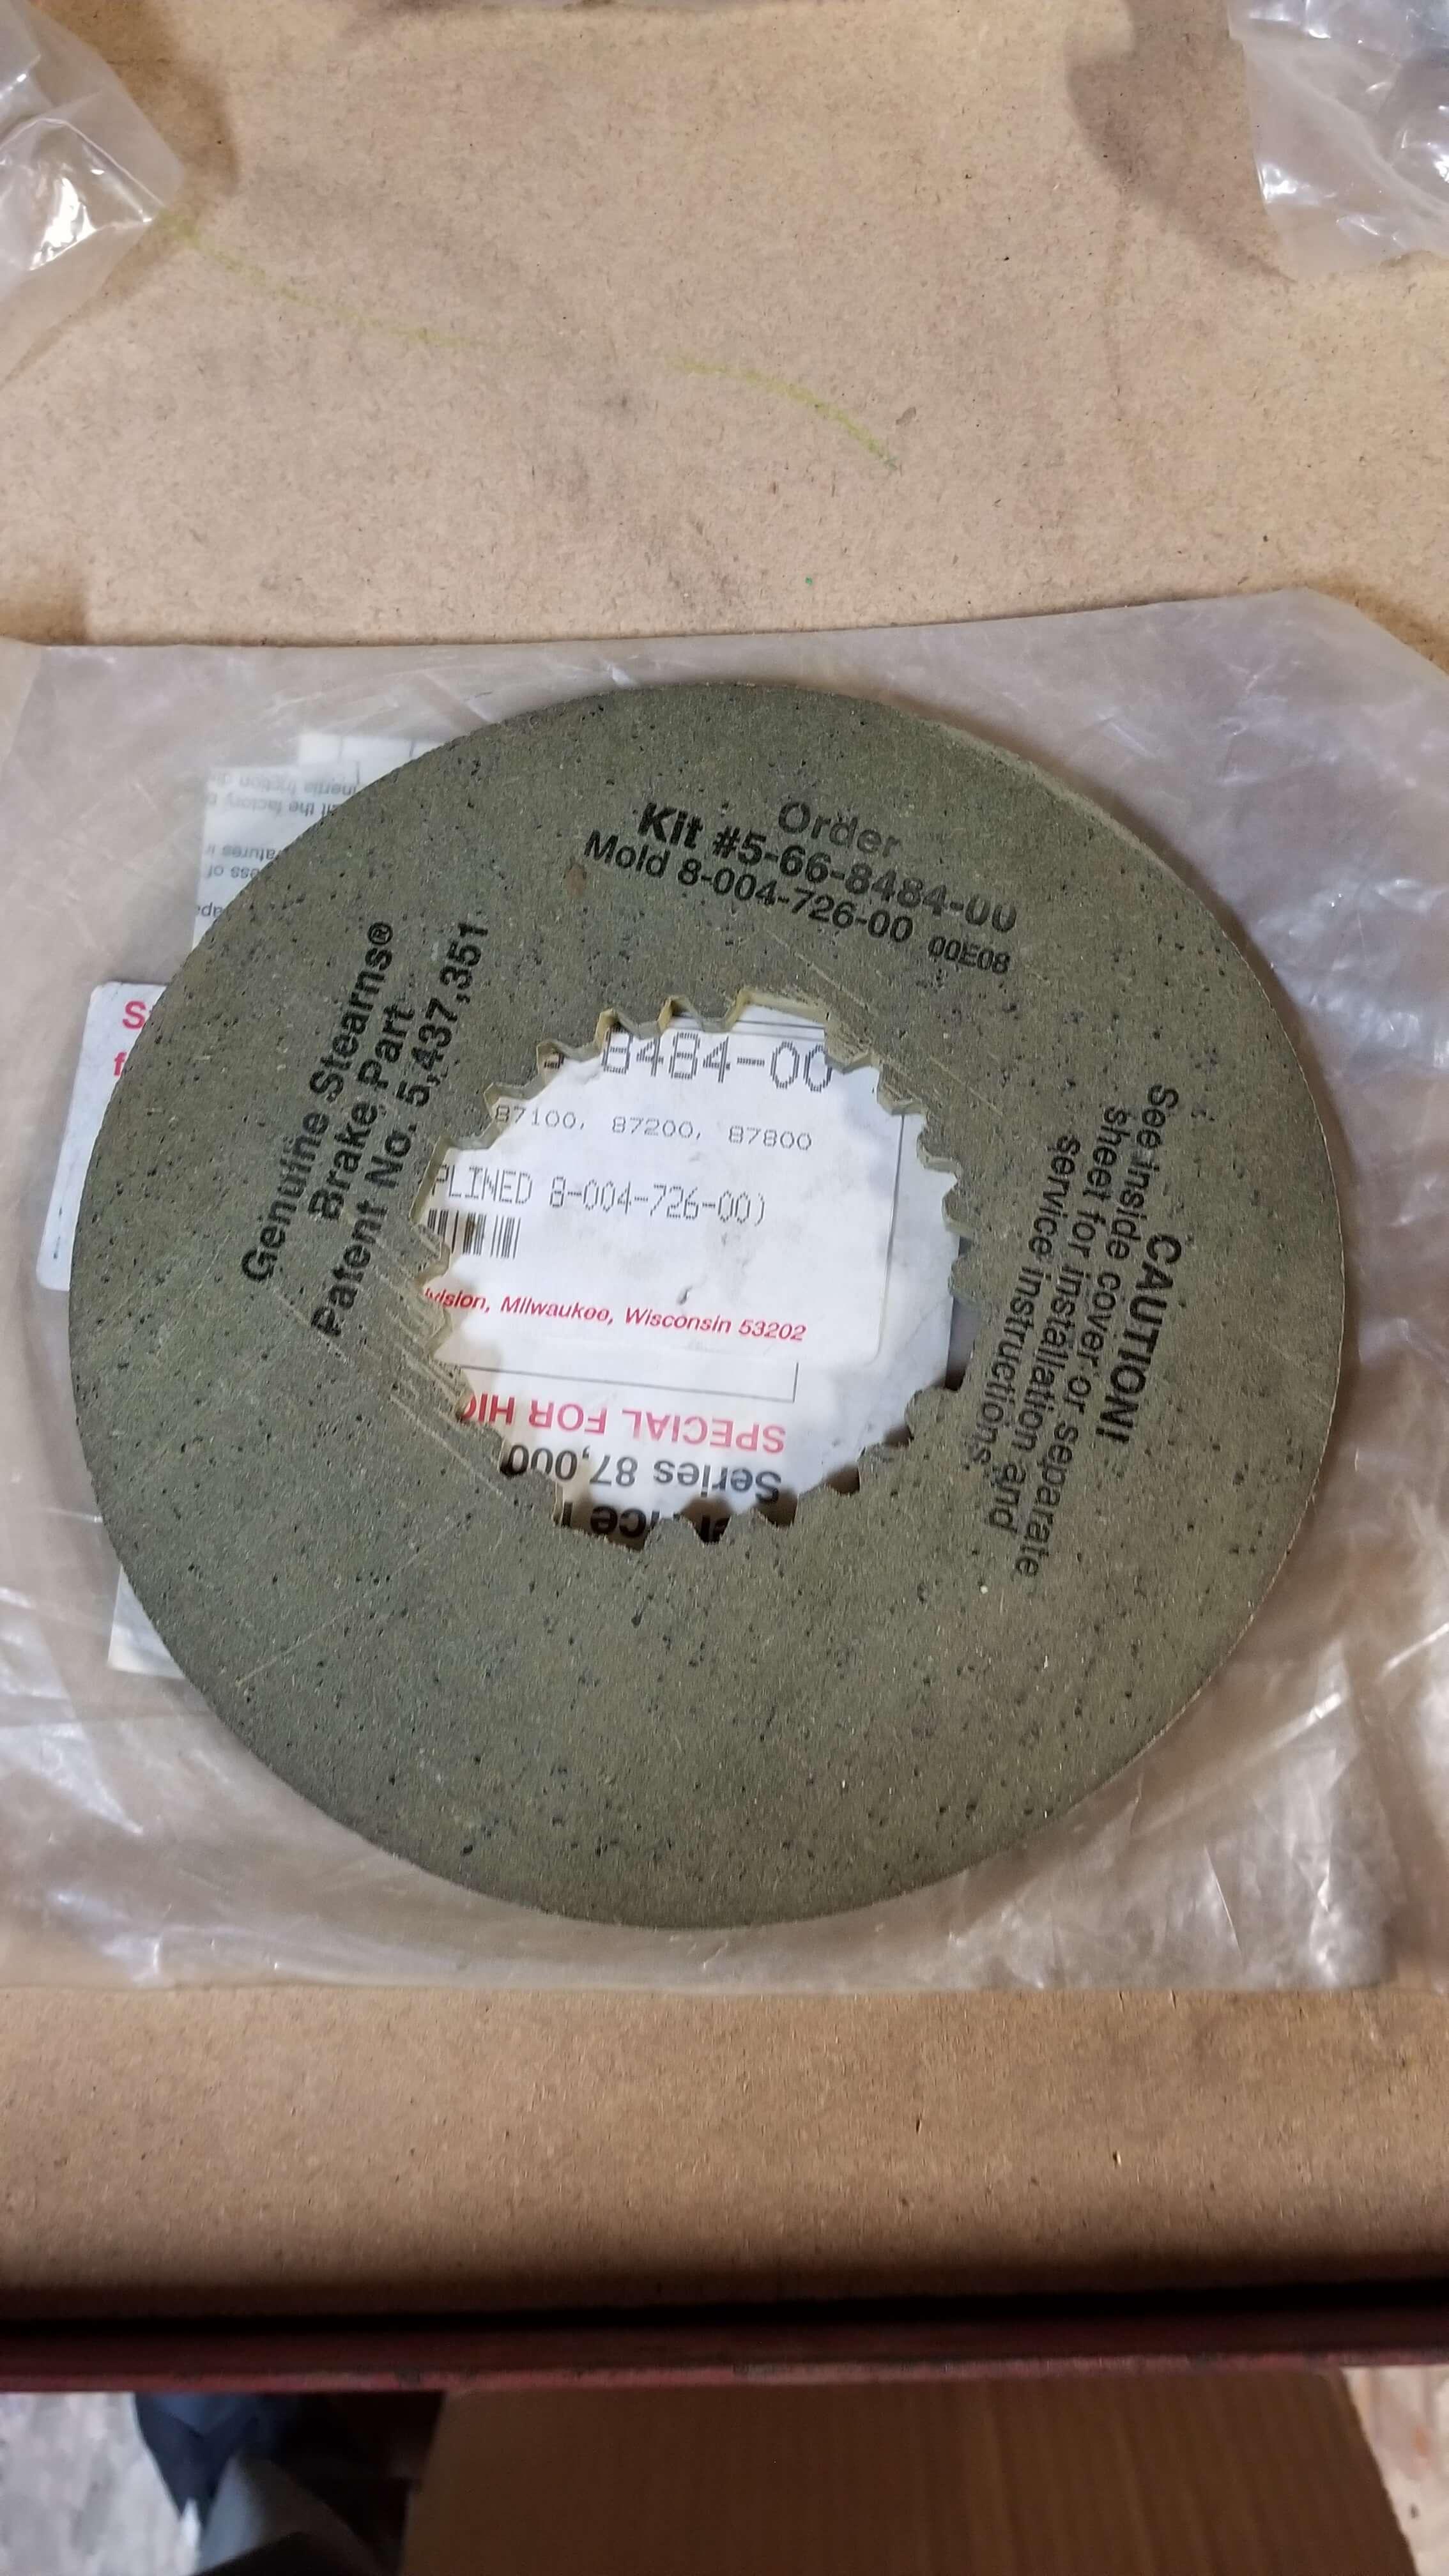 Stearns Brake Disc P/N: 5 66 8484 00 $265.00